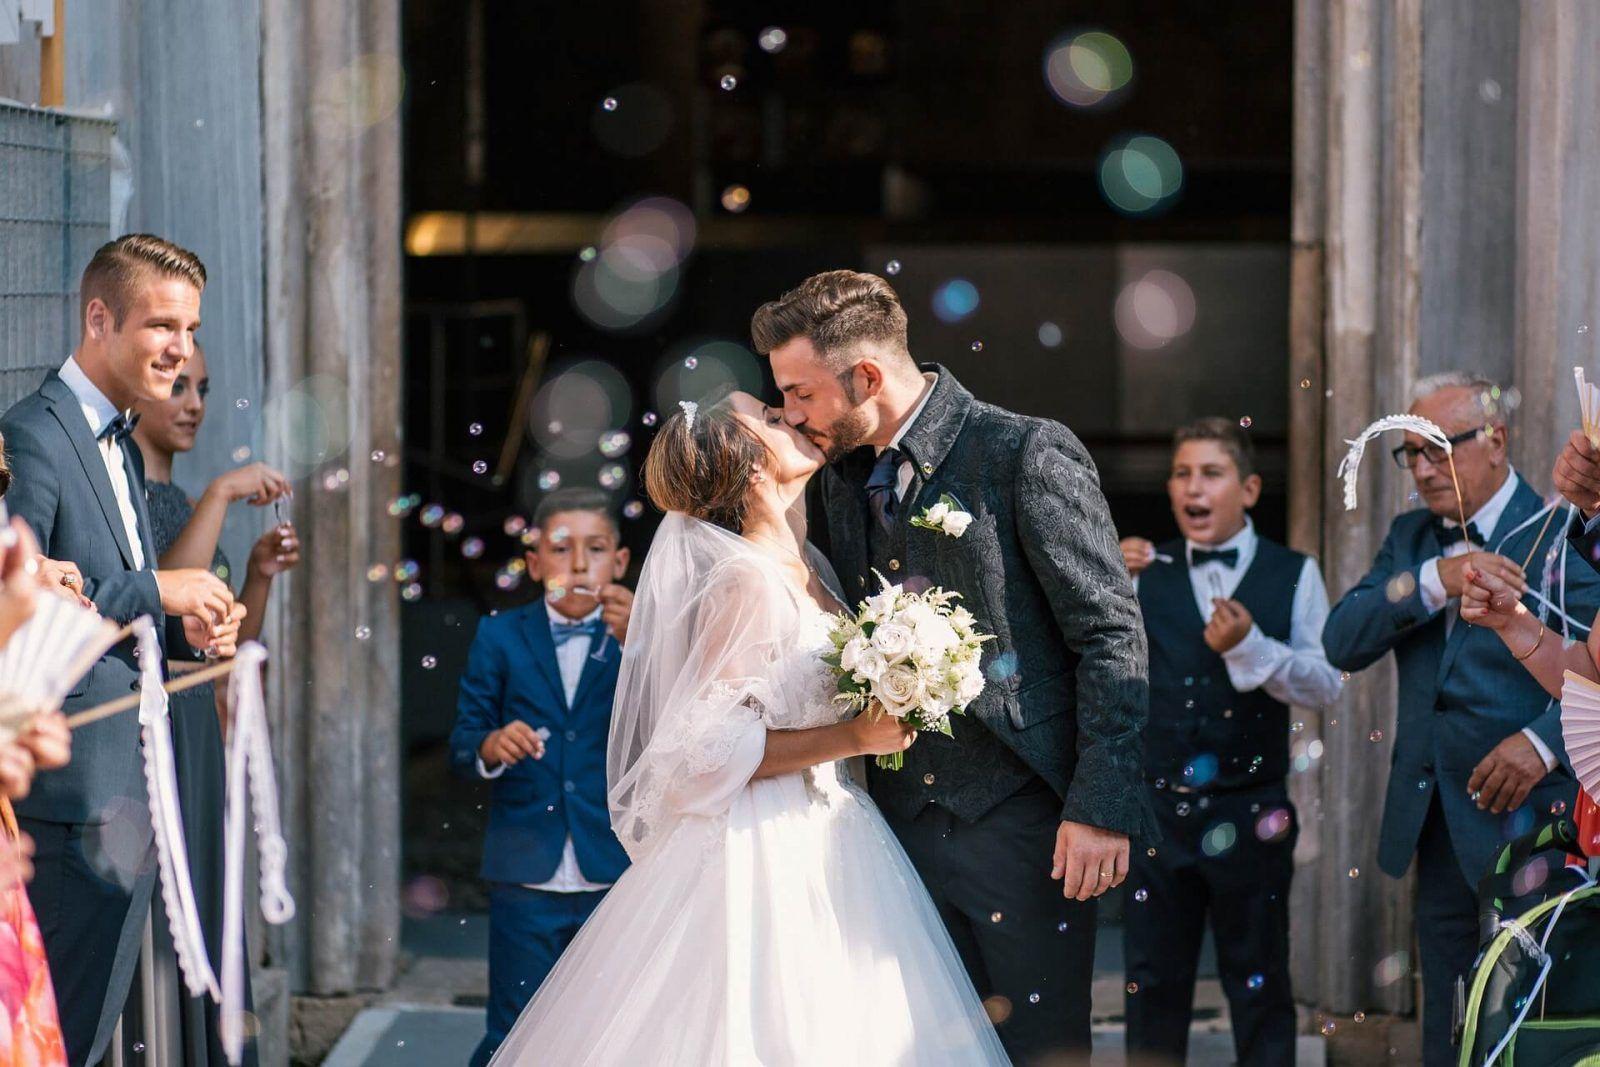 Wedding Venues Sydney   Best Wedding Reception Venues Sydney NSW